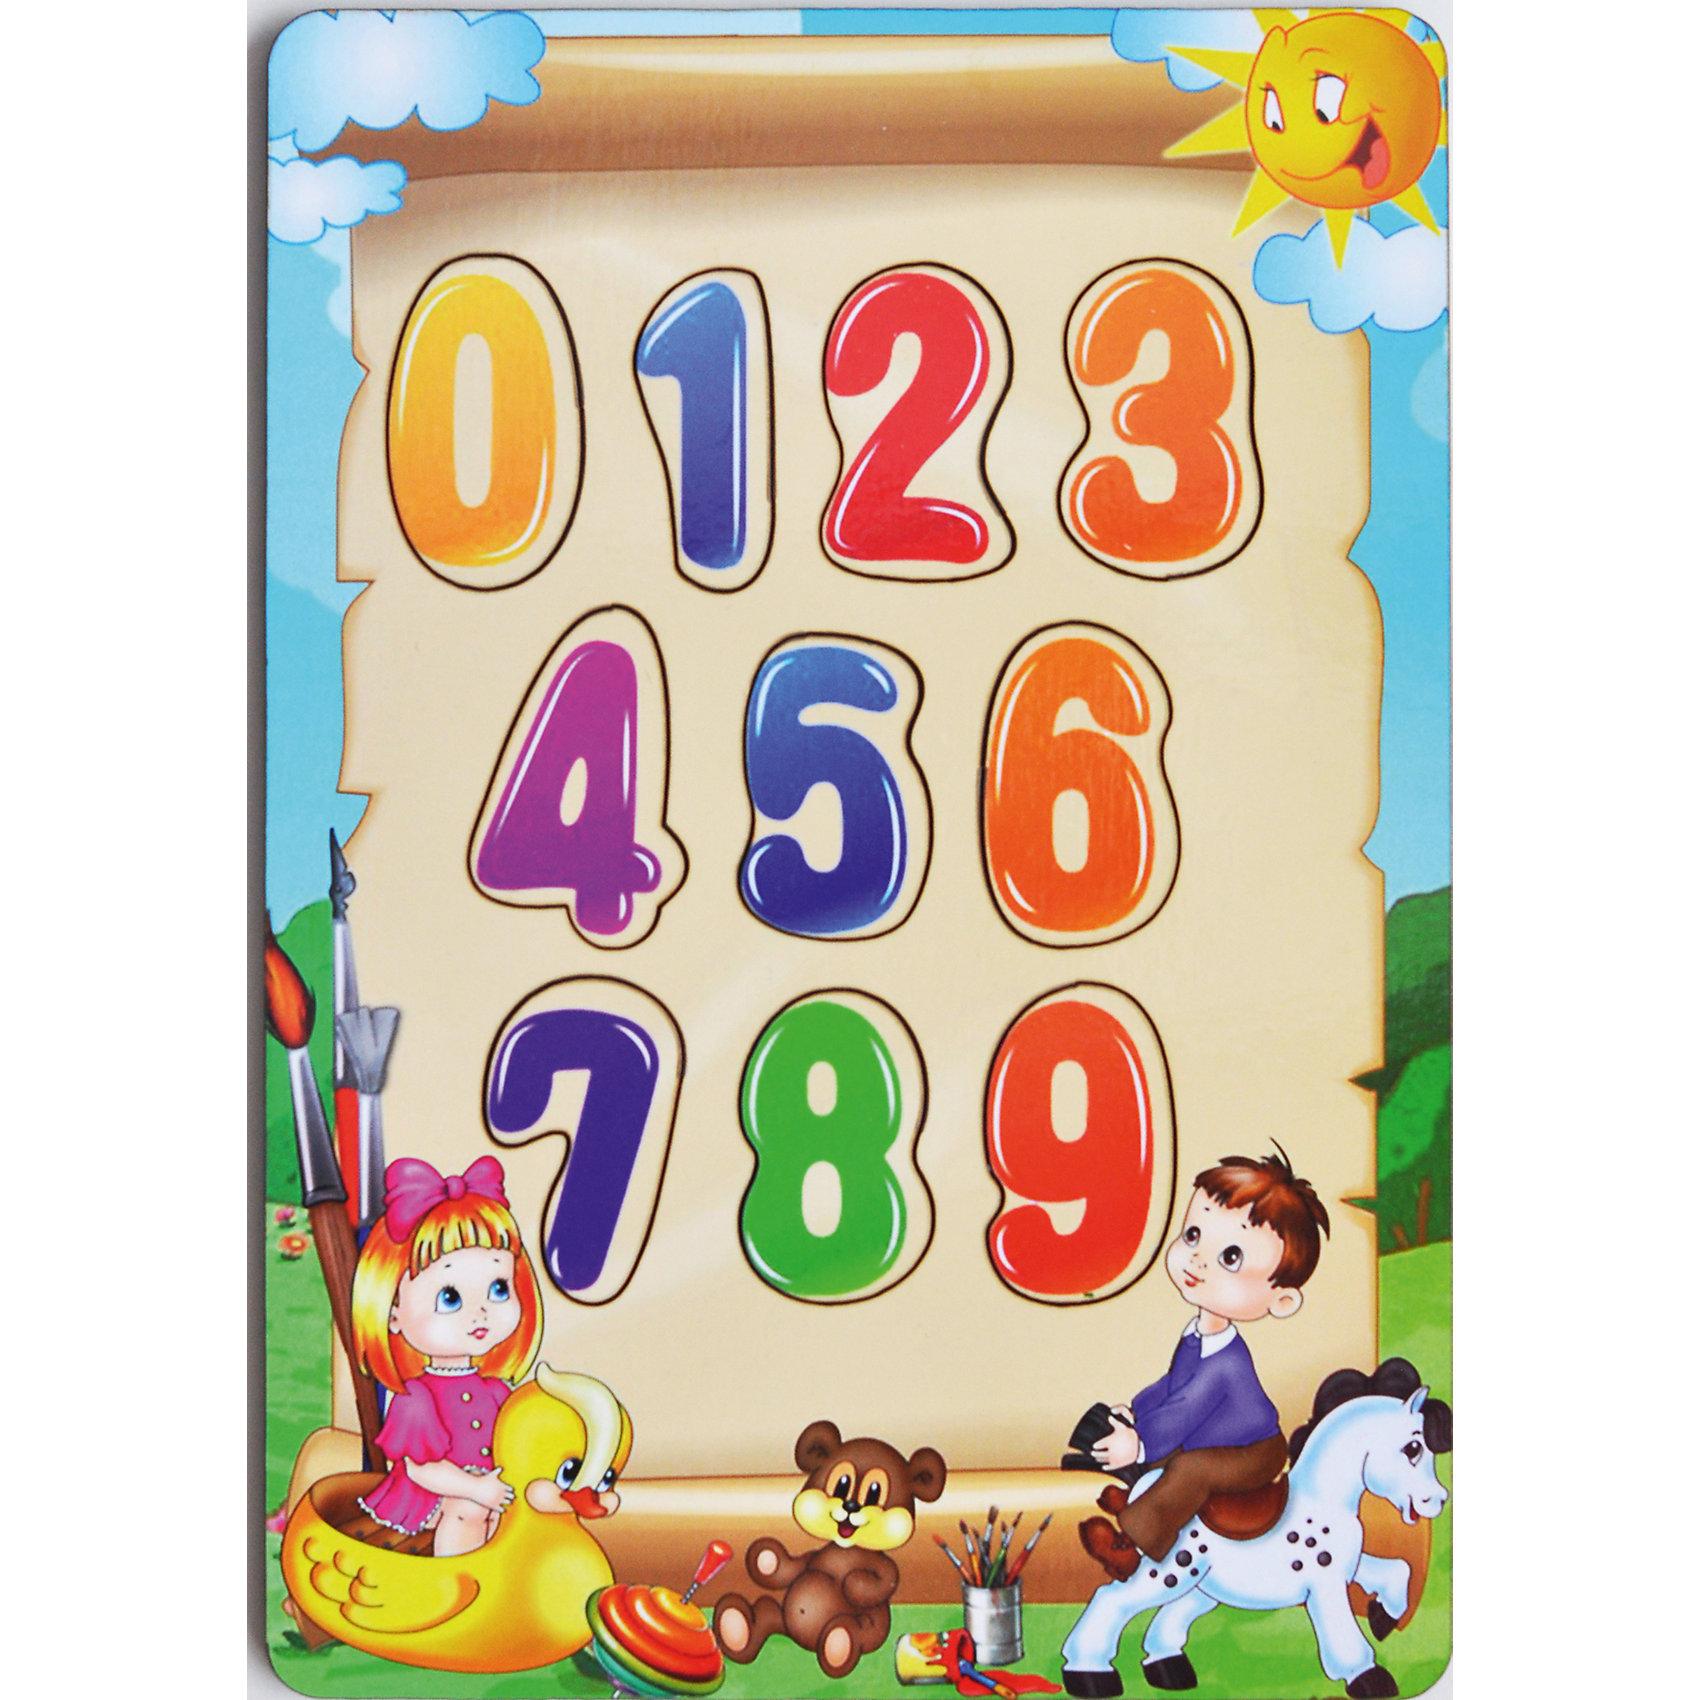 Рамка-вкладка «Учим цифры»Сделать процесс познавания мира для малышей - просто! Яркая обучающая рамка-вкладка «Учим цифры» поможет ребенку легко запомнить цифры в процессе совмещения соответствующих элементов.<br>Эта рамка-вкладка обязательно займет ребенка! Игра с ней помогает детям развивать мелкую моторику, внимательность и познавать мир. Обучающая игрушка сделана из качественных и безопасных для ребенка материалов - натурального дерева.<br><br>Дополнительная информация:<br><br>цвет: разноцветный;<br>размер:  28 х 19.5 х 0.8 см;<br>вес: 260 г;<br>элементов: 10;<br>материал: дерево.<br><br>Рамку-вкладку «Учим цифры» можно купить в нашем магазине.<br><br>Ширина мм: 280<br>Глубина мм: 5<br>Высота мм: 195<br>Вес г: 260<br>Возраст от месяцев: 36<br>Возраст до месяцев: 2147483647<br>Пол: Унисекс<br>Возраст: Детский<br>SKU: 4916392